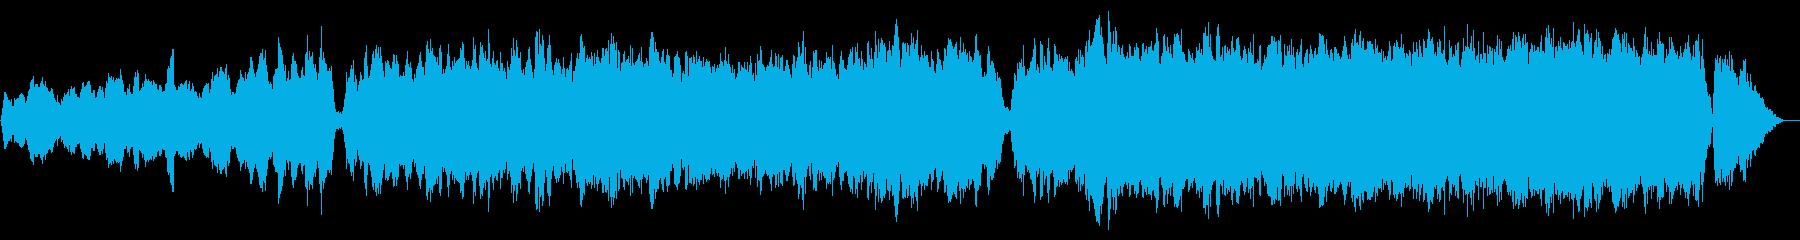 チェロとトランペット 勇壮なシネマ風の再生済みの波形